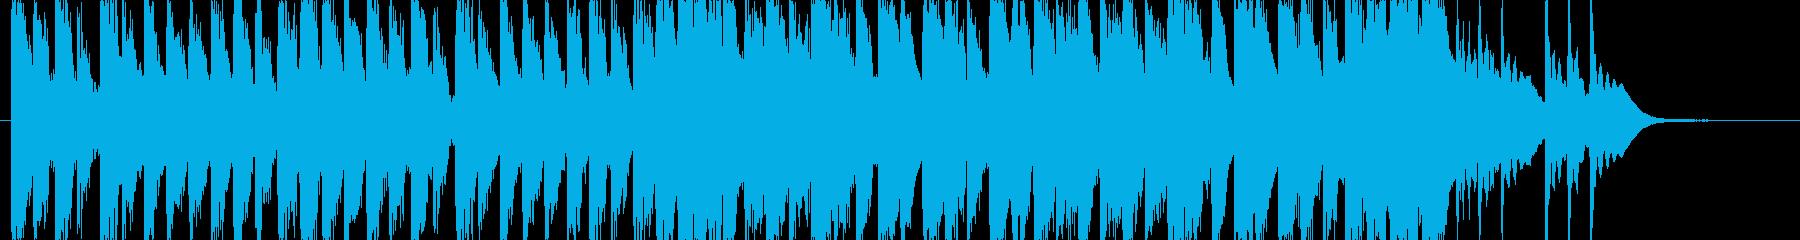 ポップでキュートなキラキラエレクトロニカの再生済みの波形